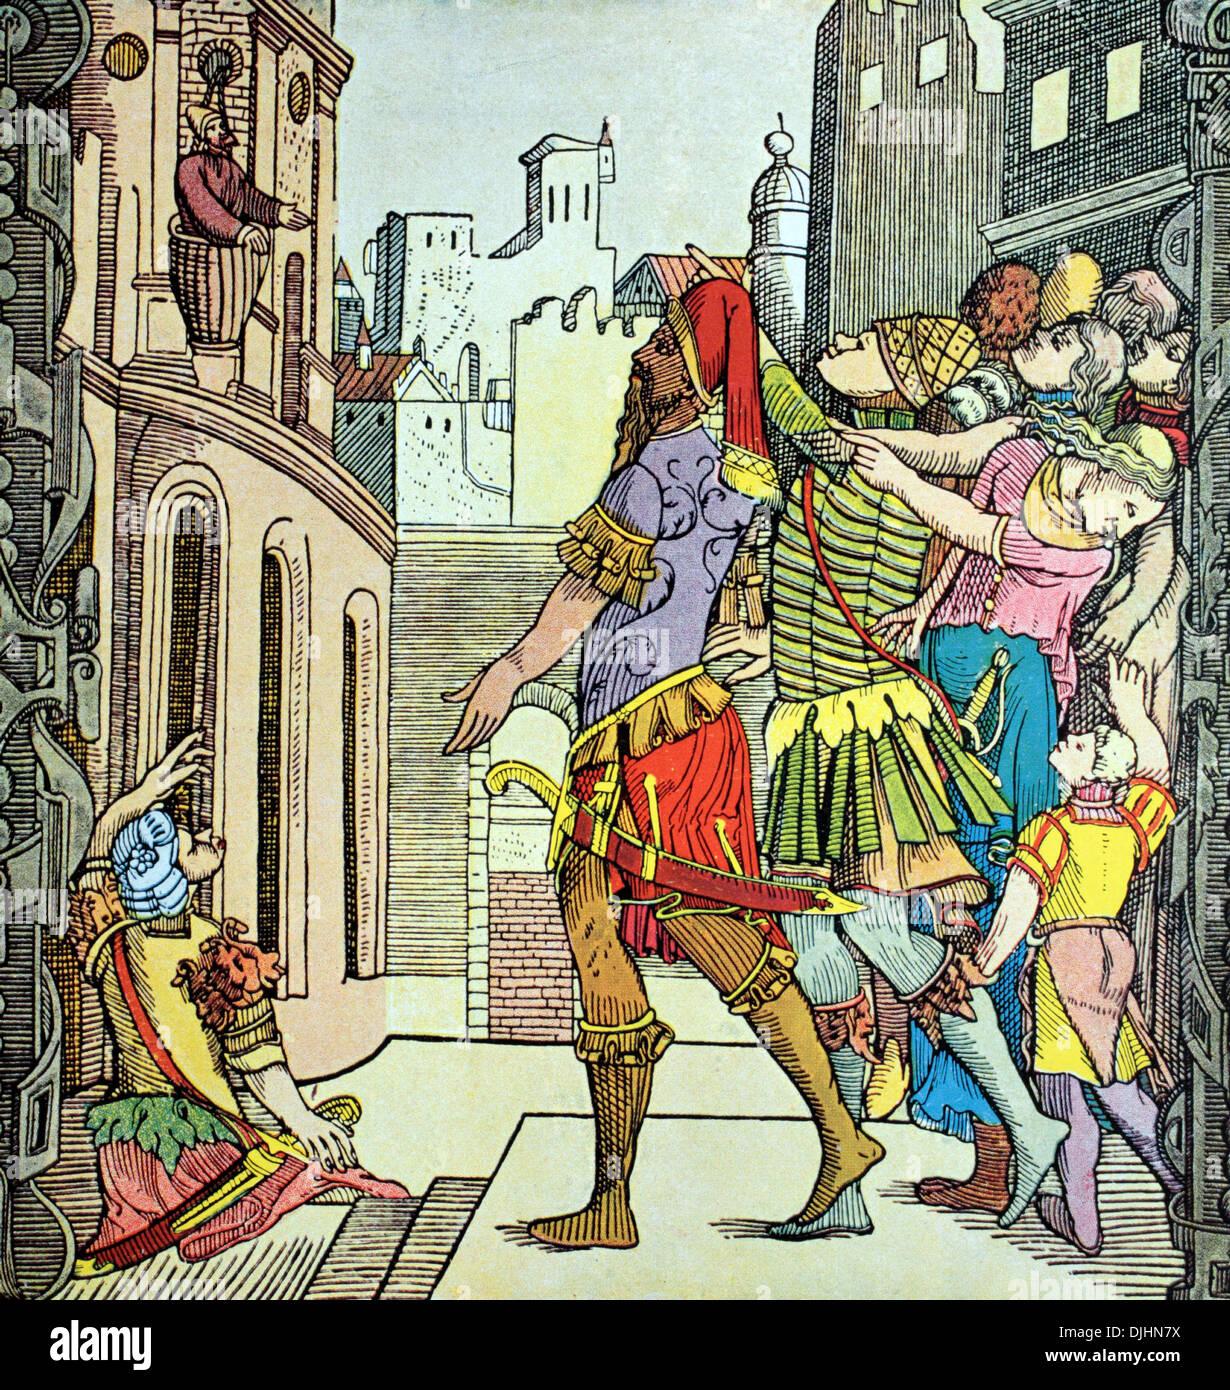 Virgil's Adventures, gravure sur bois du 16ème siècle par Virgil Solis, également connu sous le nom de Virgil Solis Photo Stock